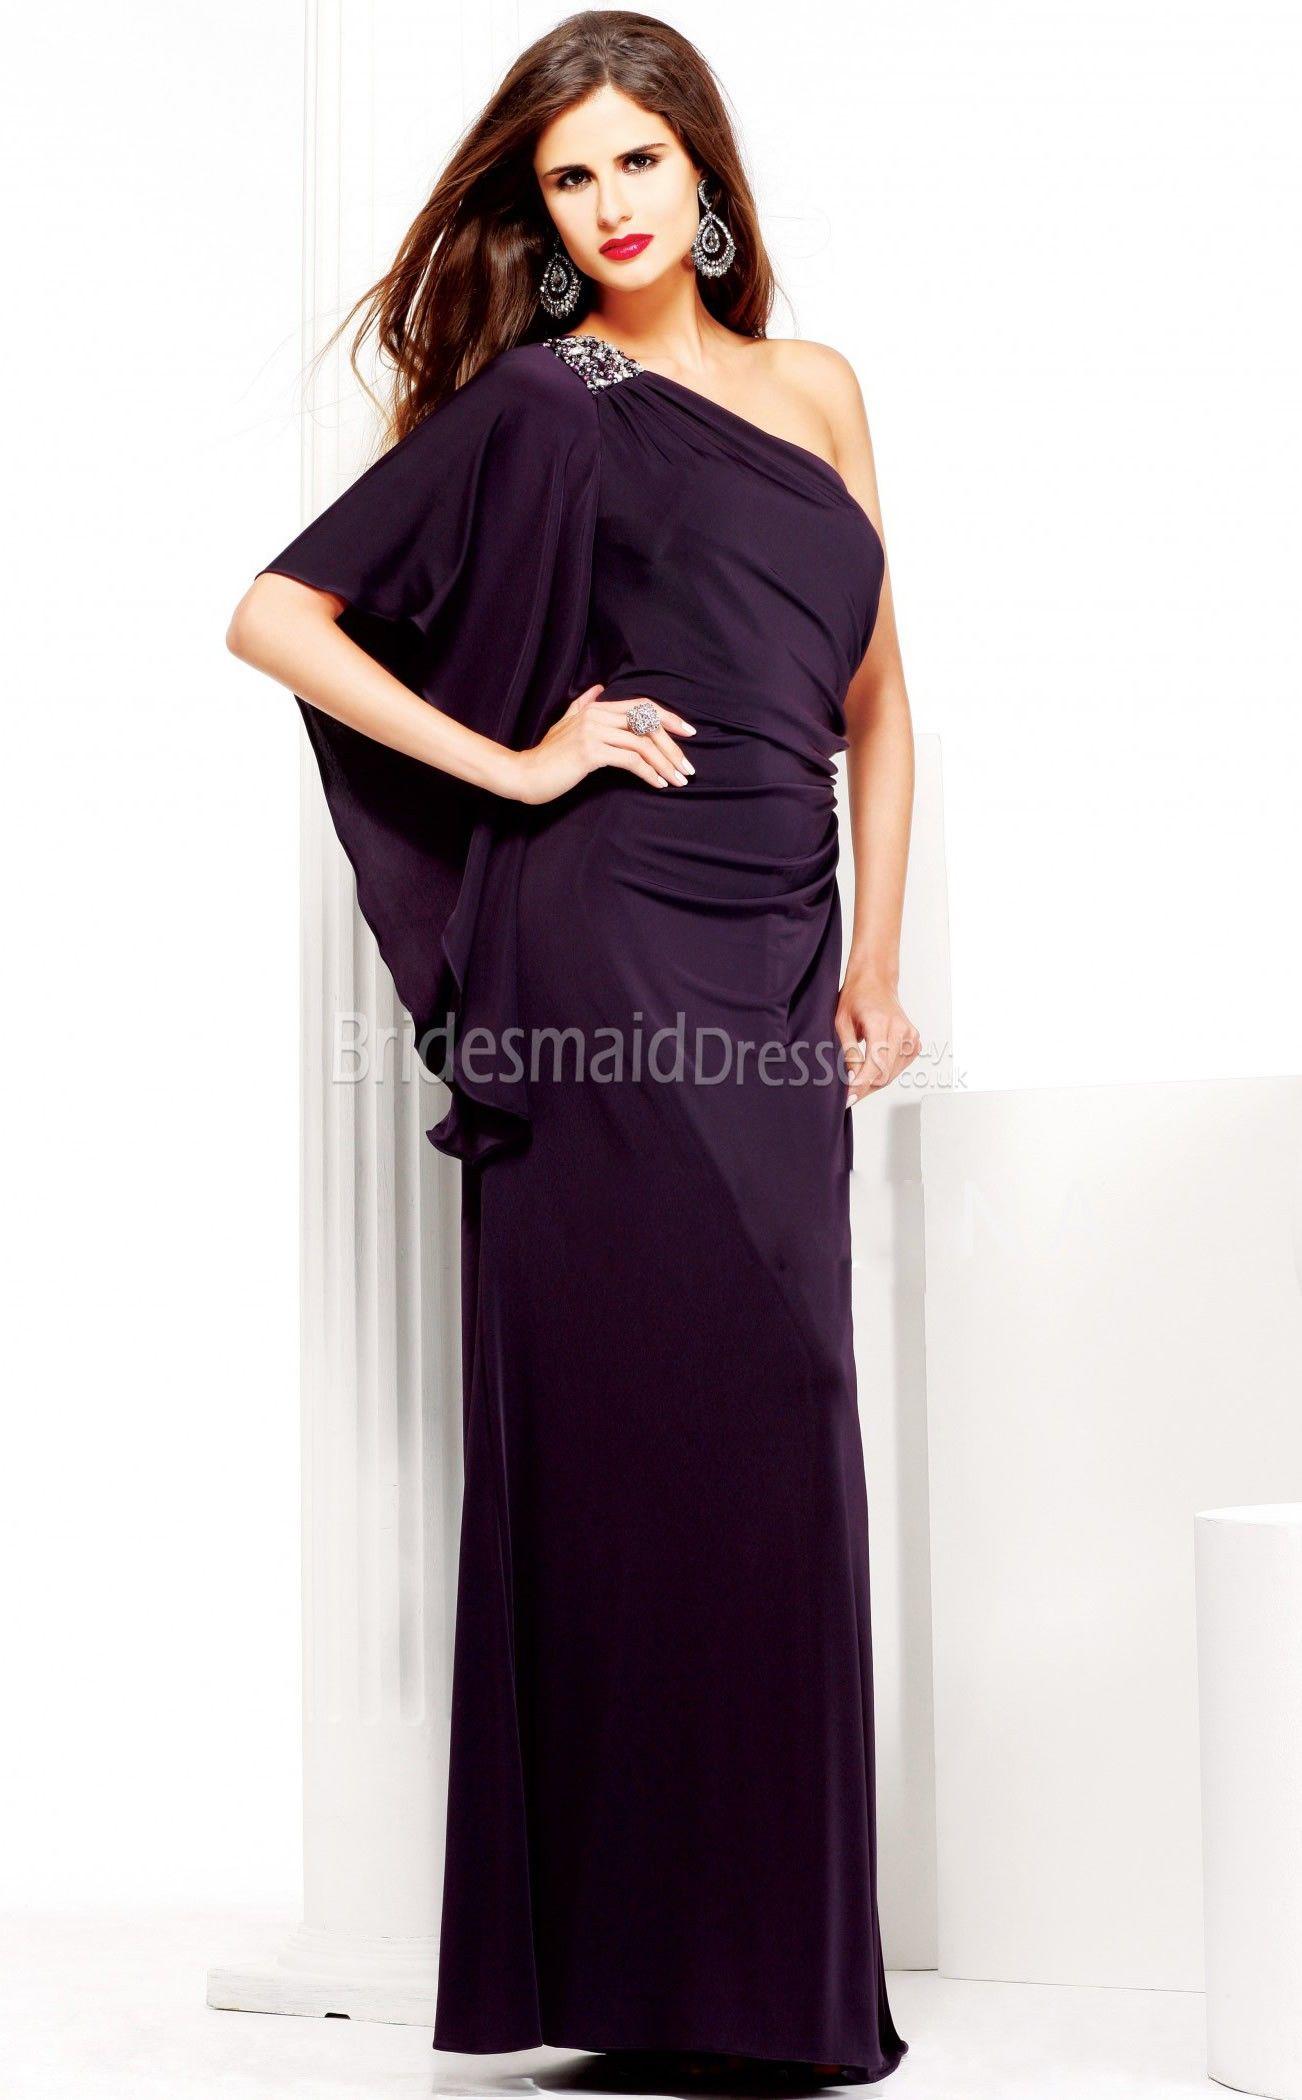 Purple bridesmaid dresseslong purple bridesmaid dresses sisters